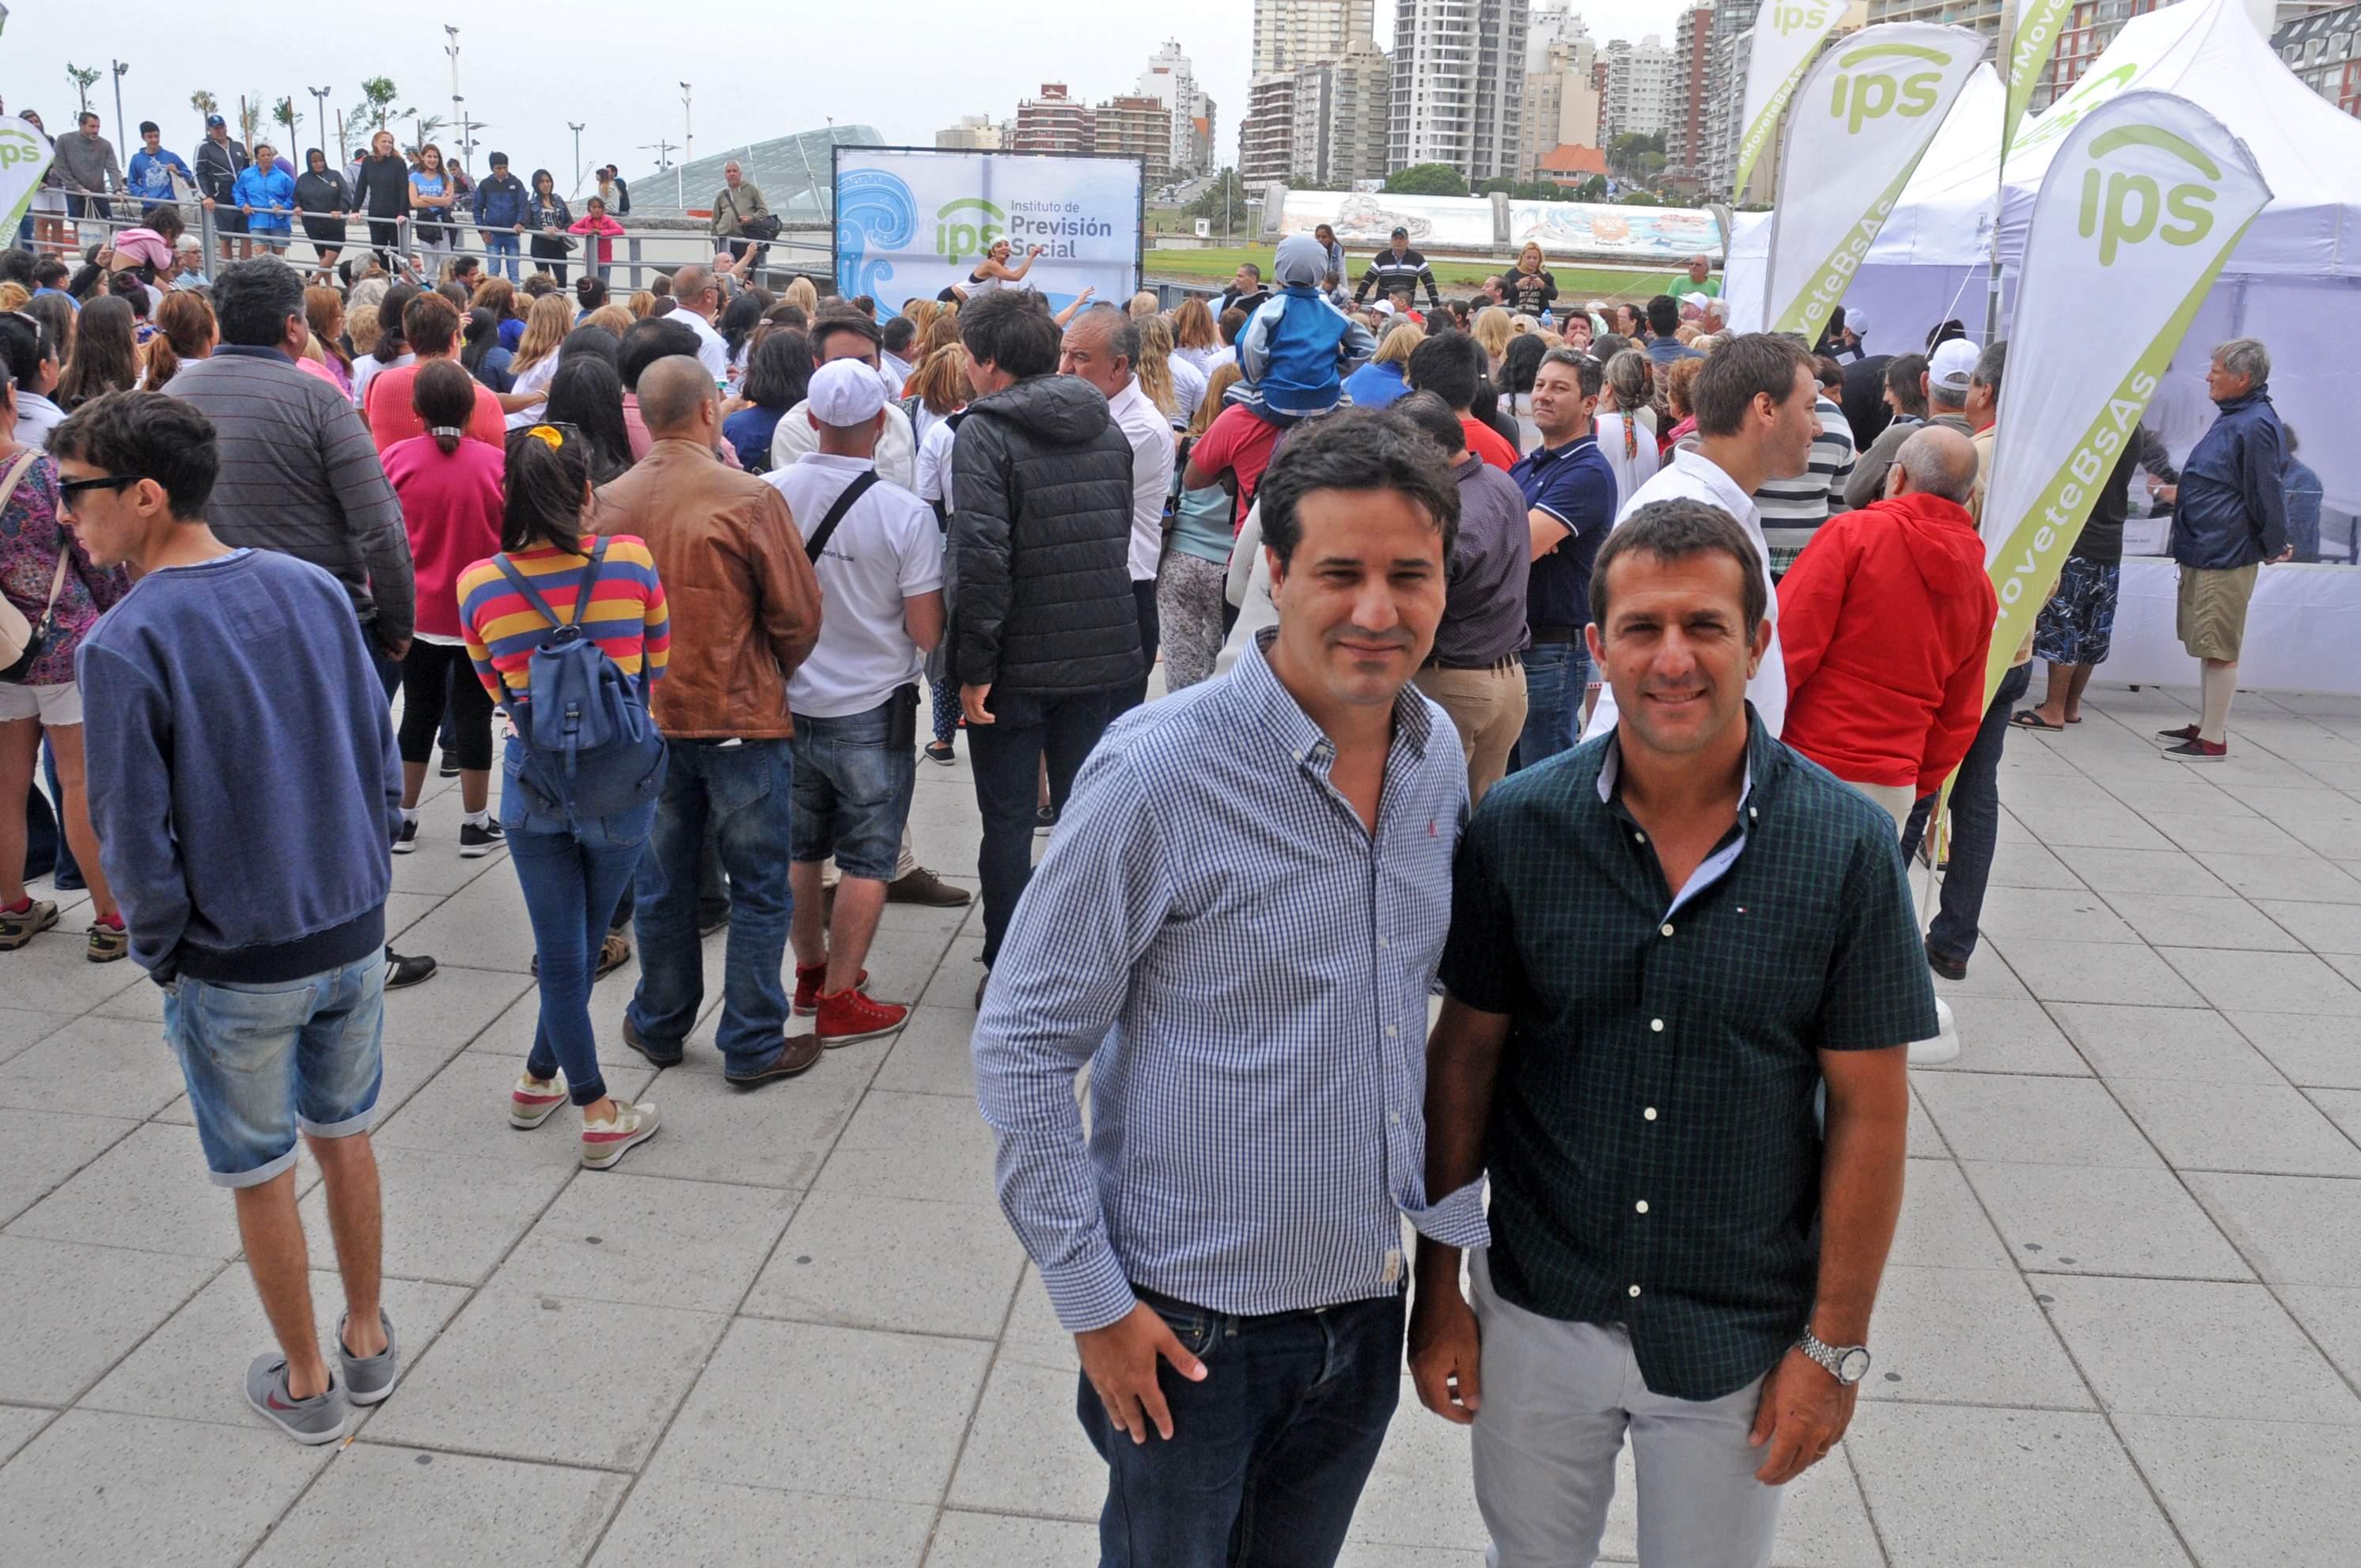 El presidente del Instituto de Previsión Social bonaerense (IPS), Christian Guibaudo y el diputado provincial Maximiliano Abad, unidos por la pasión por Boca.